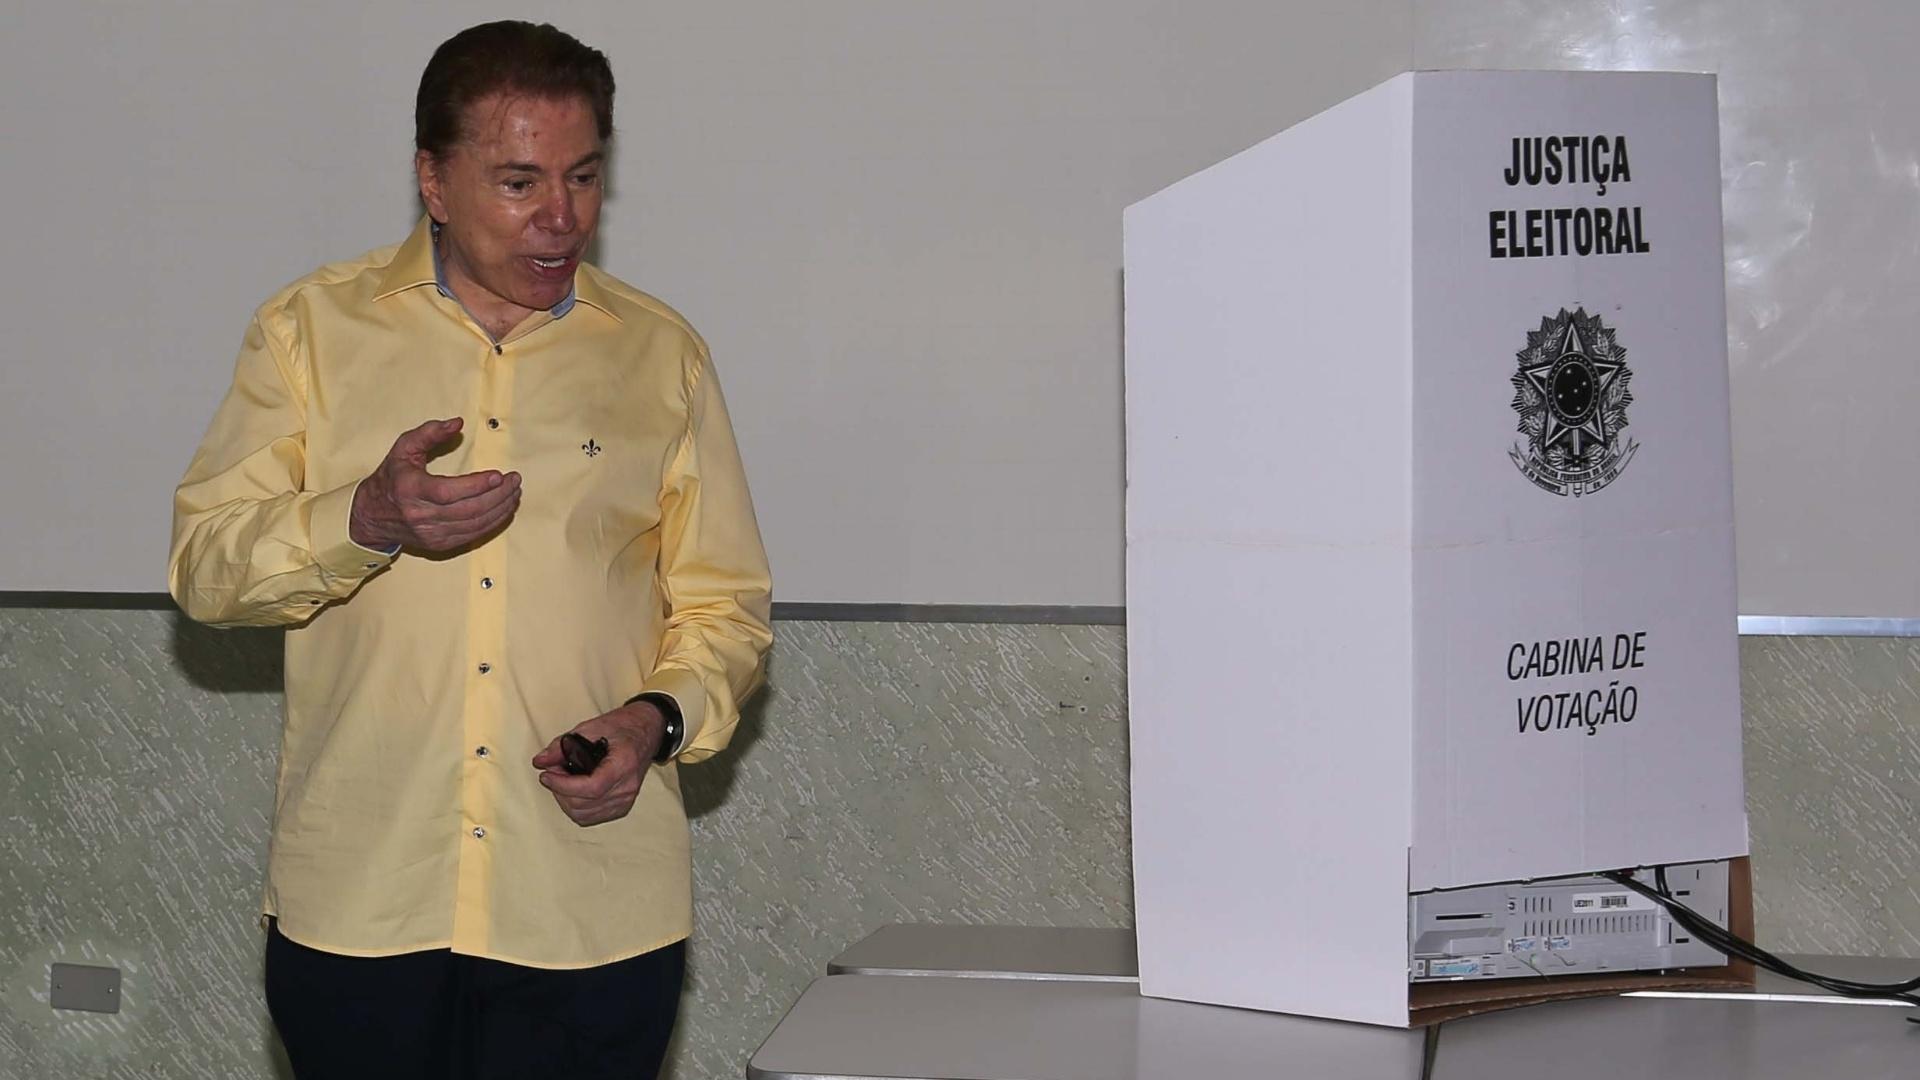 26.out.2014 - O apresentador Silvio Santos registra seu voto neste domingo (26) no bairro do Morumbi, zona sul da capital paulista